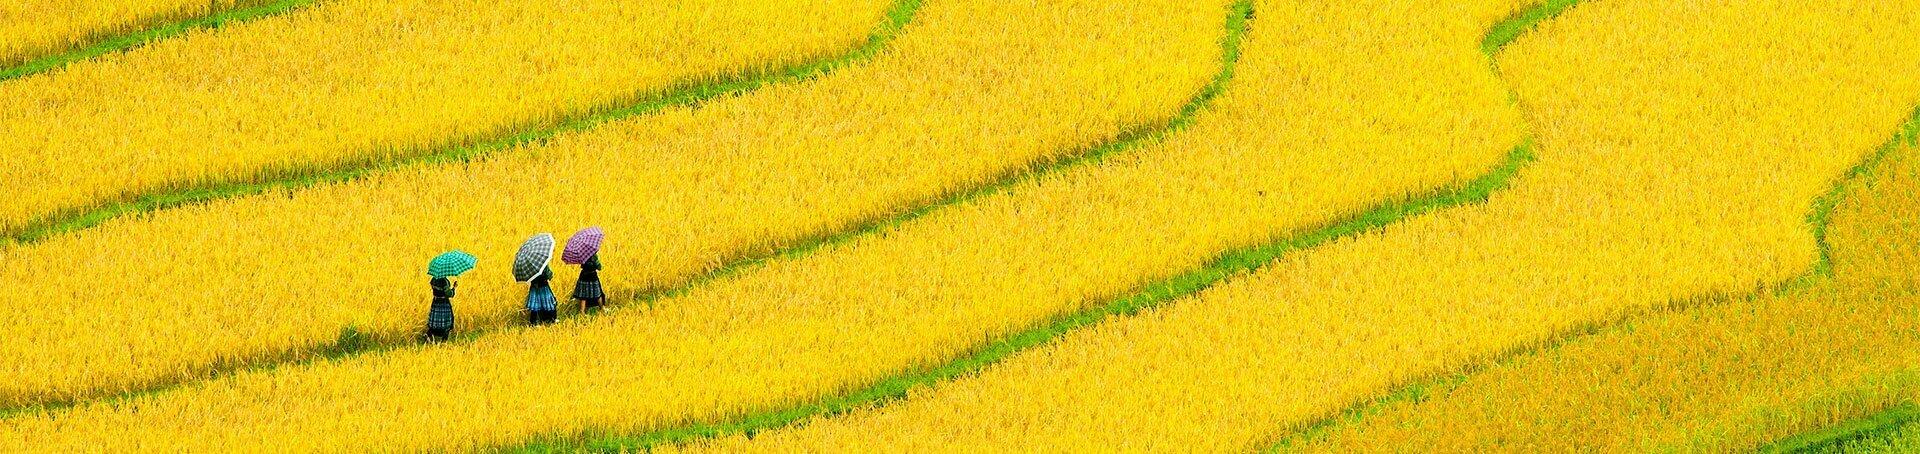 Trois femmes tenant des parapluies dans un champ aux teintes jaunes